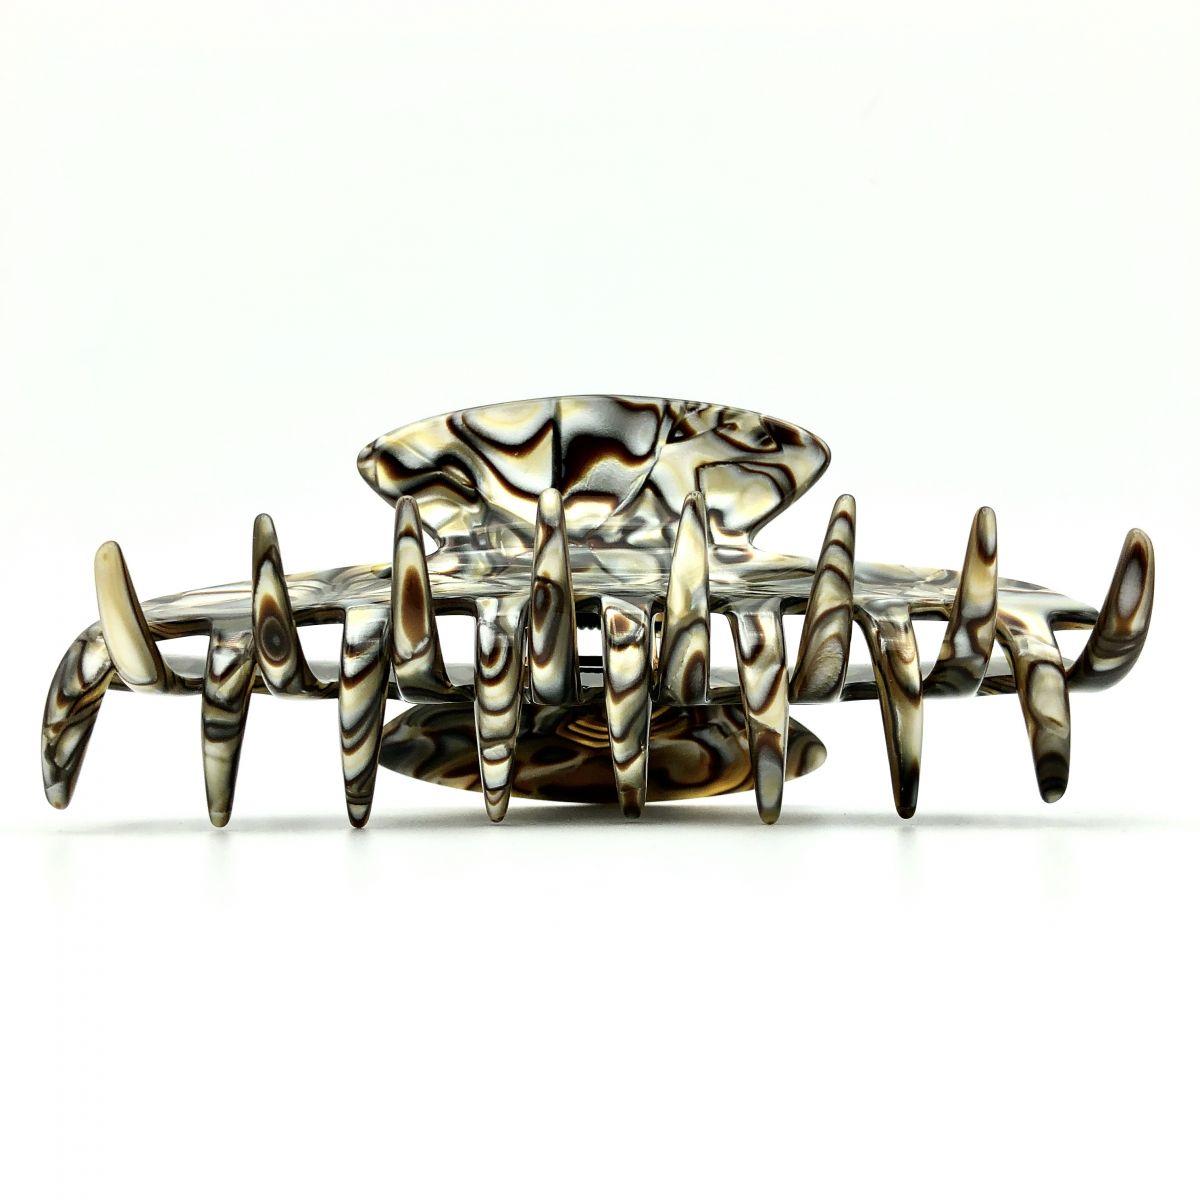 Haarklammer perlmutt/braun - groß - 11 cm